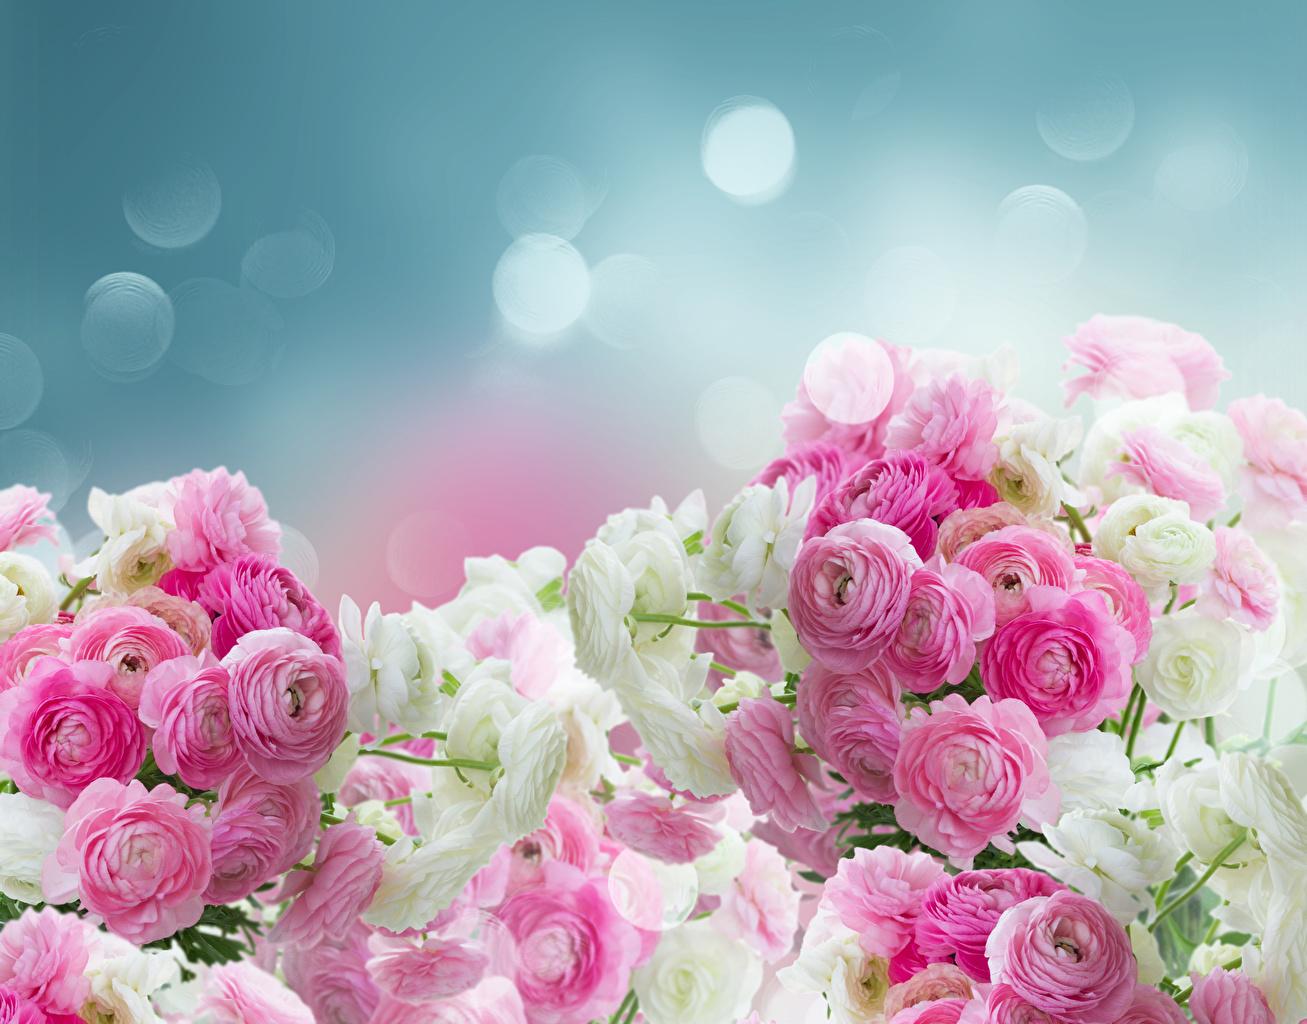 Fonds D Ecran Renoncule Fleurs Telecharger Photo